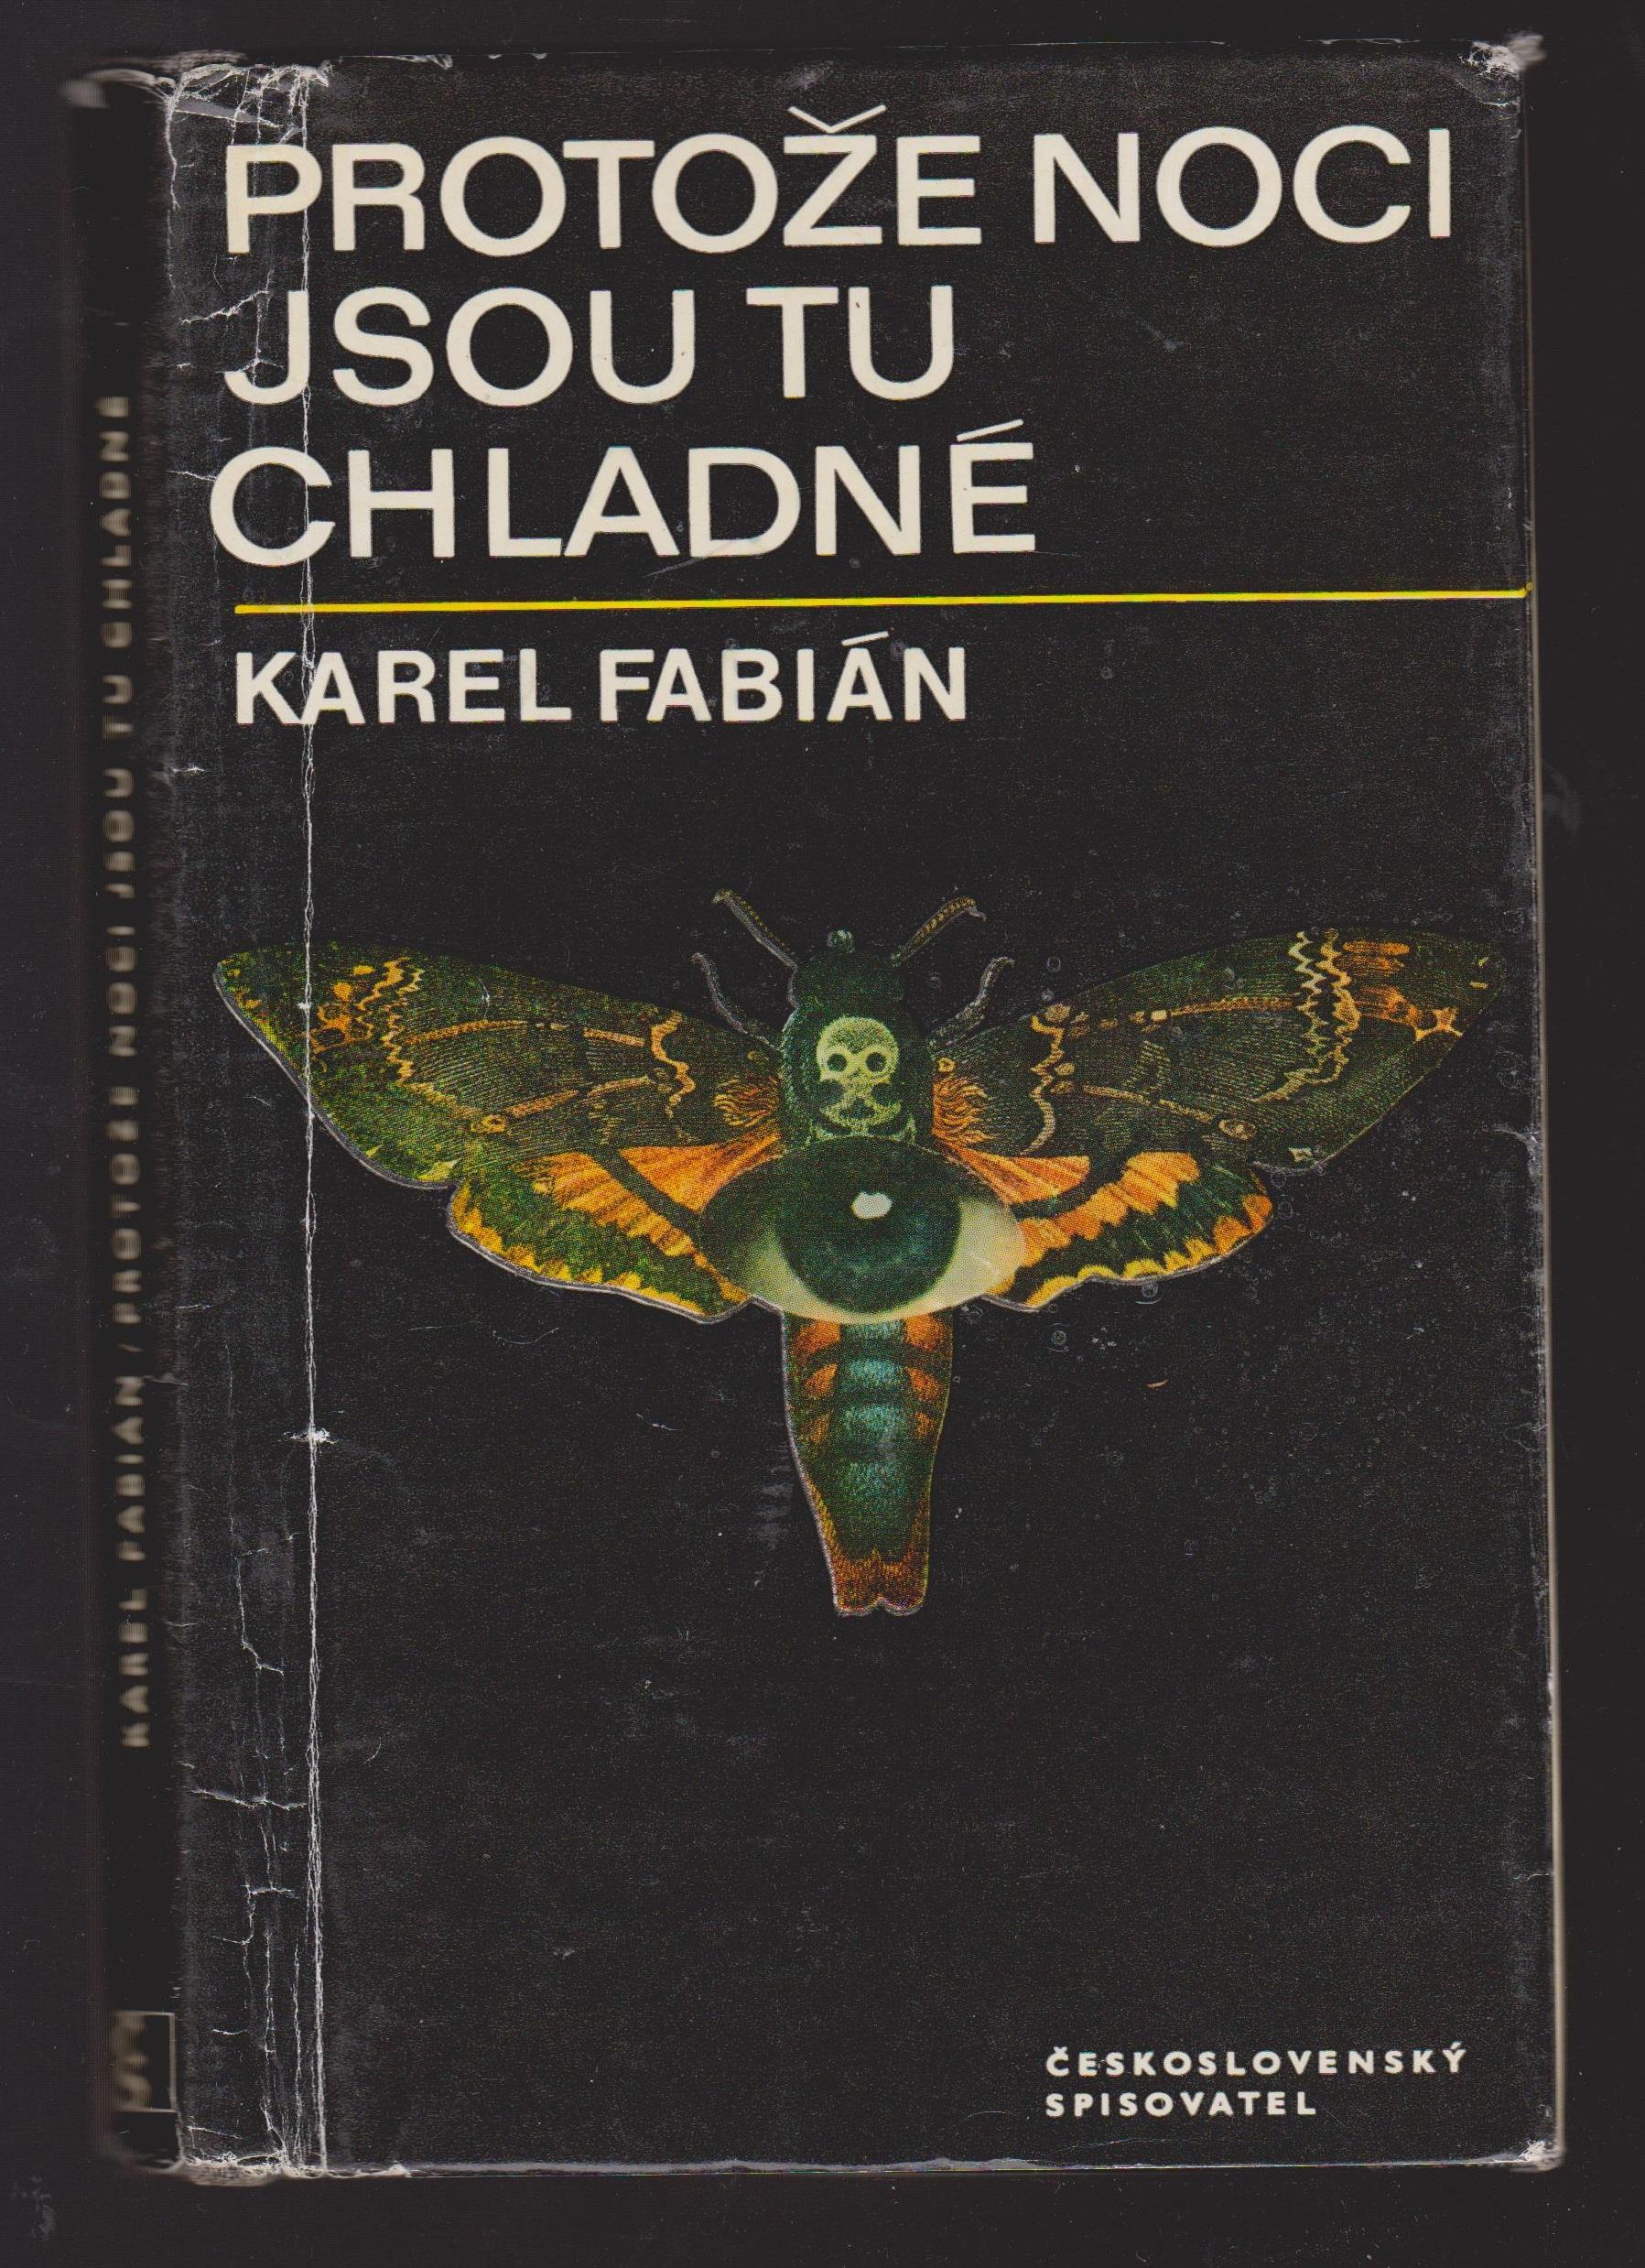 Protože noci jsou tu chladné - Karel Fabián